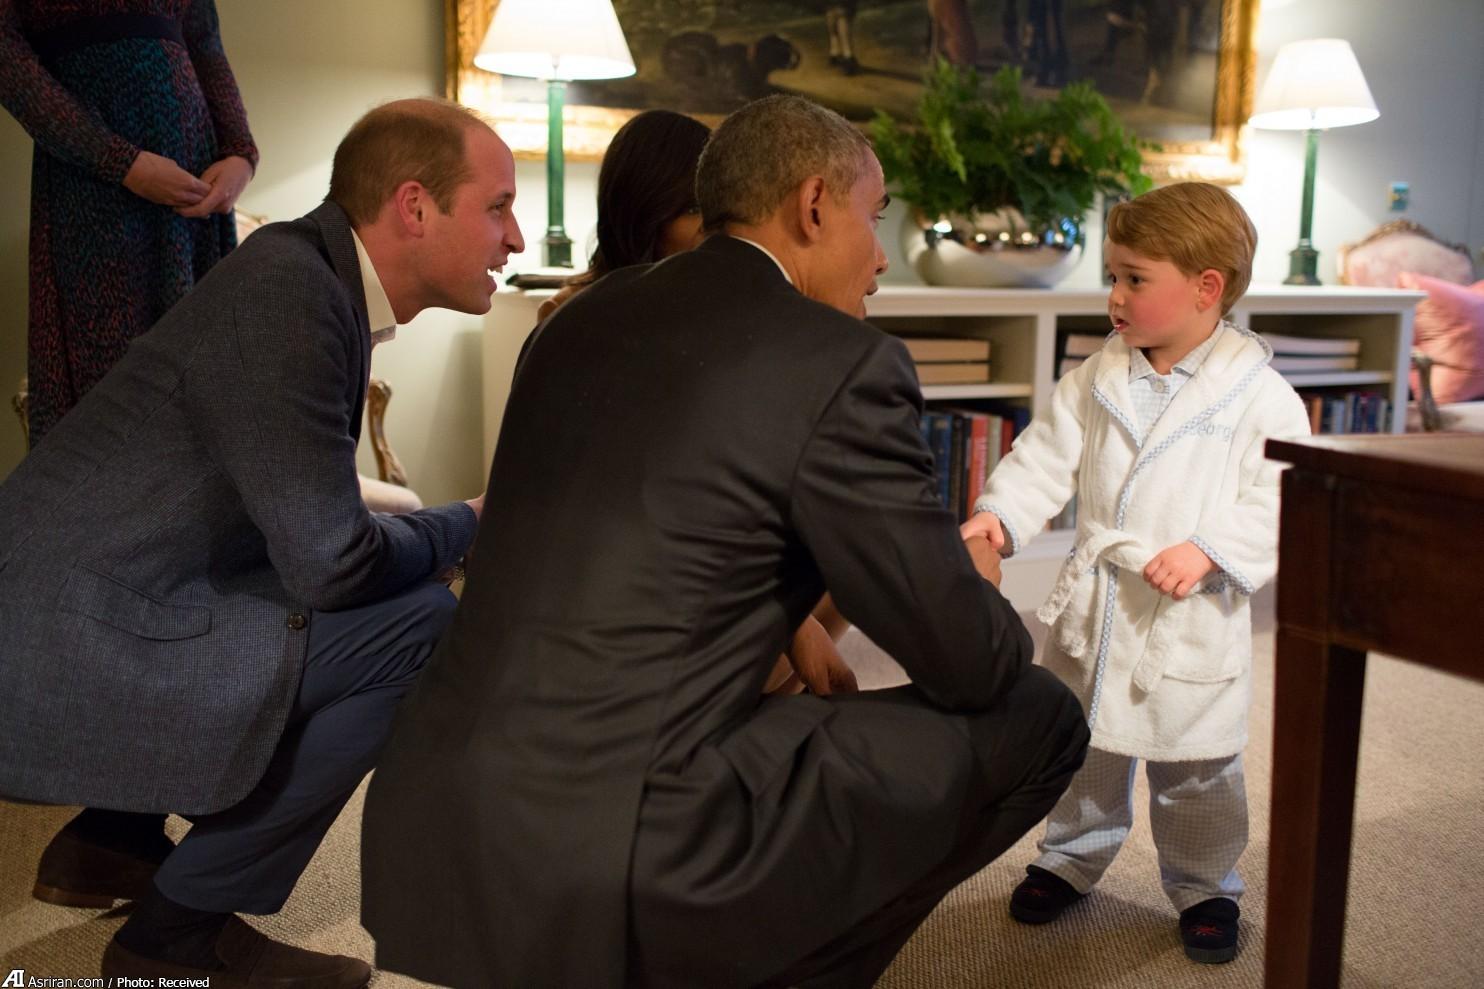 خوش و بش نشسته اوباما با شاهزاده 3 ساله انگلیس(+عکس)